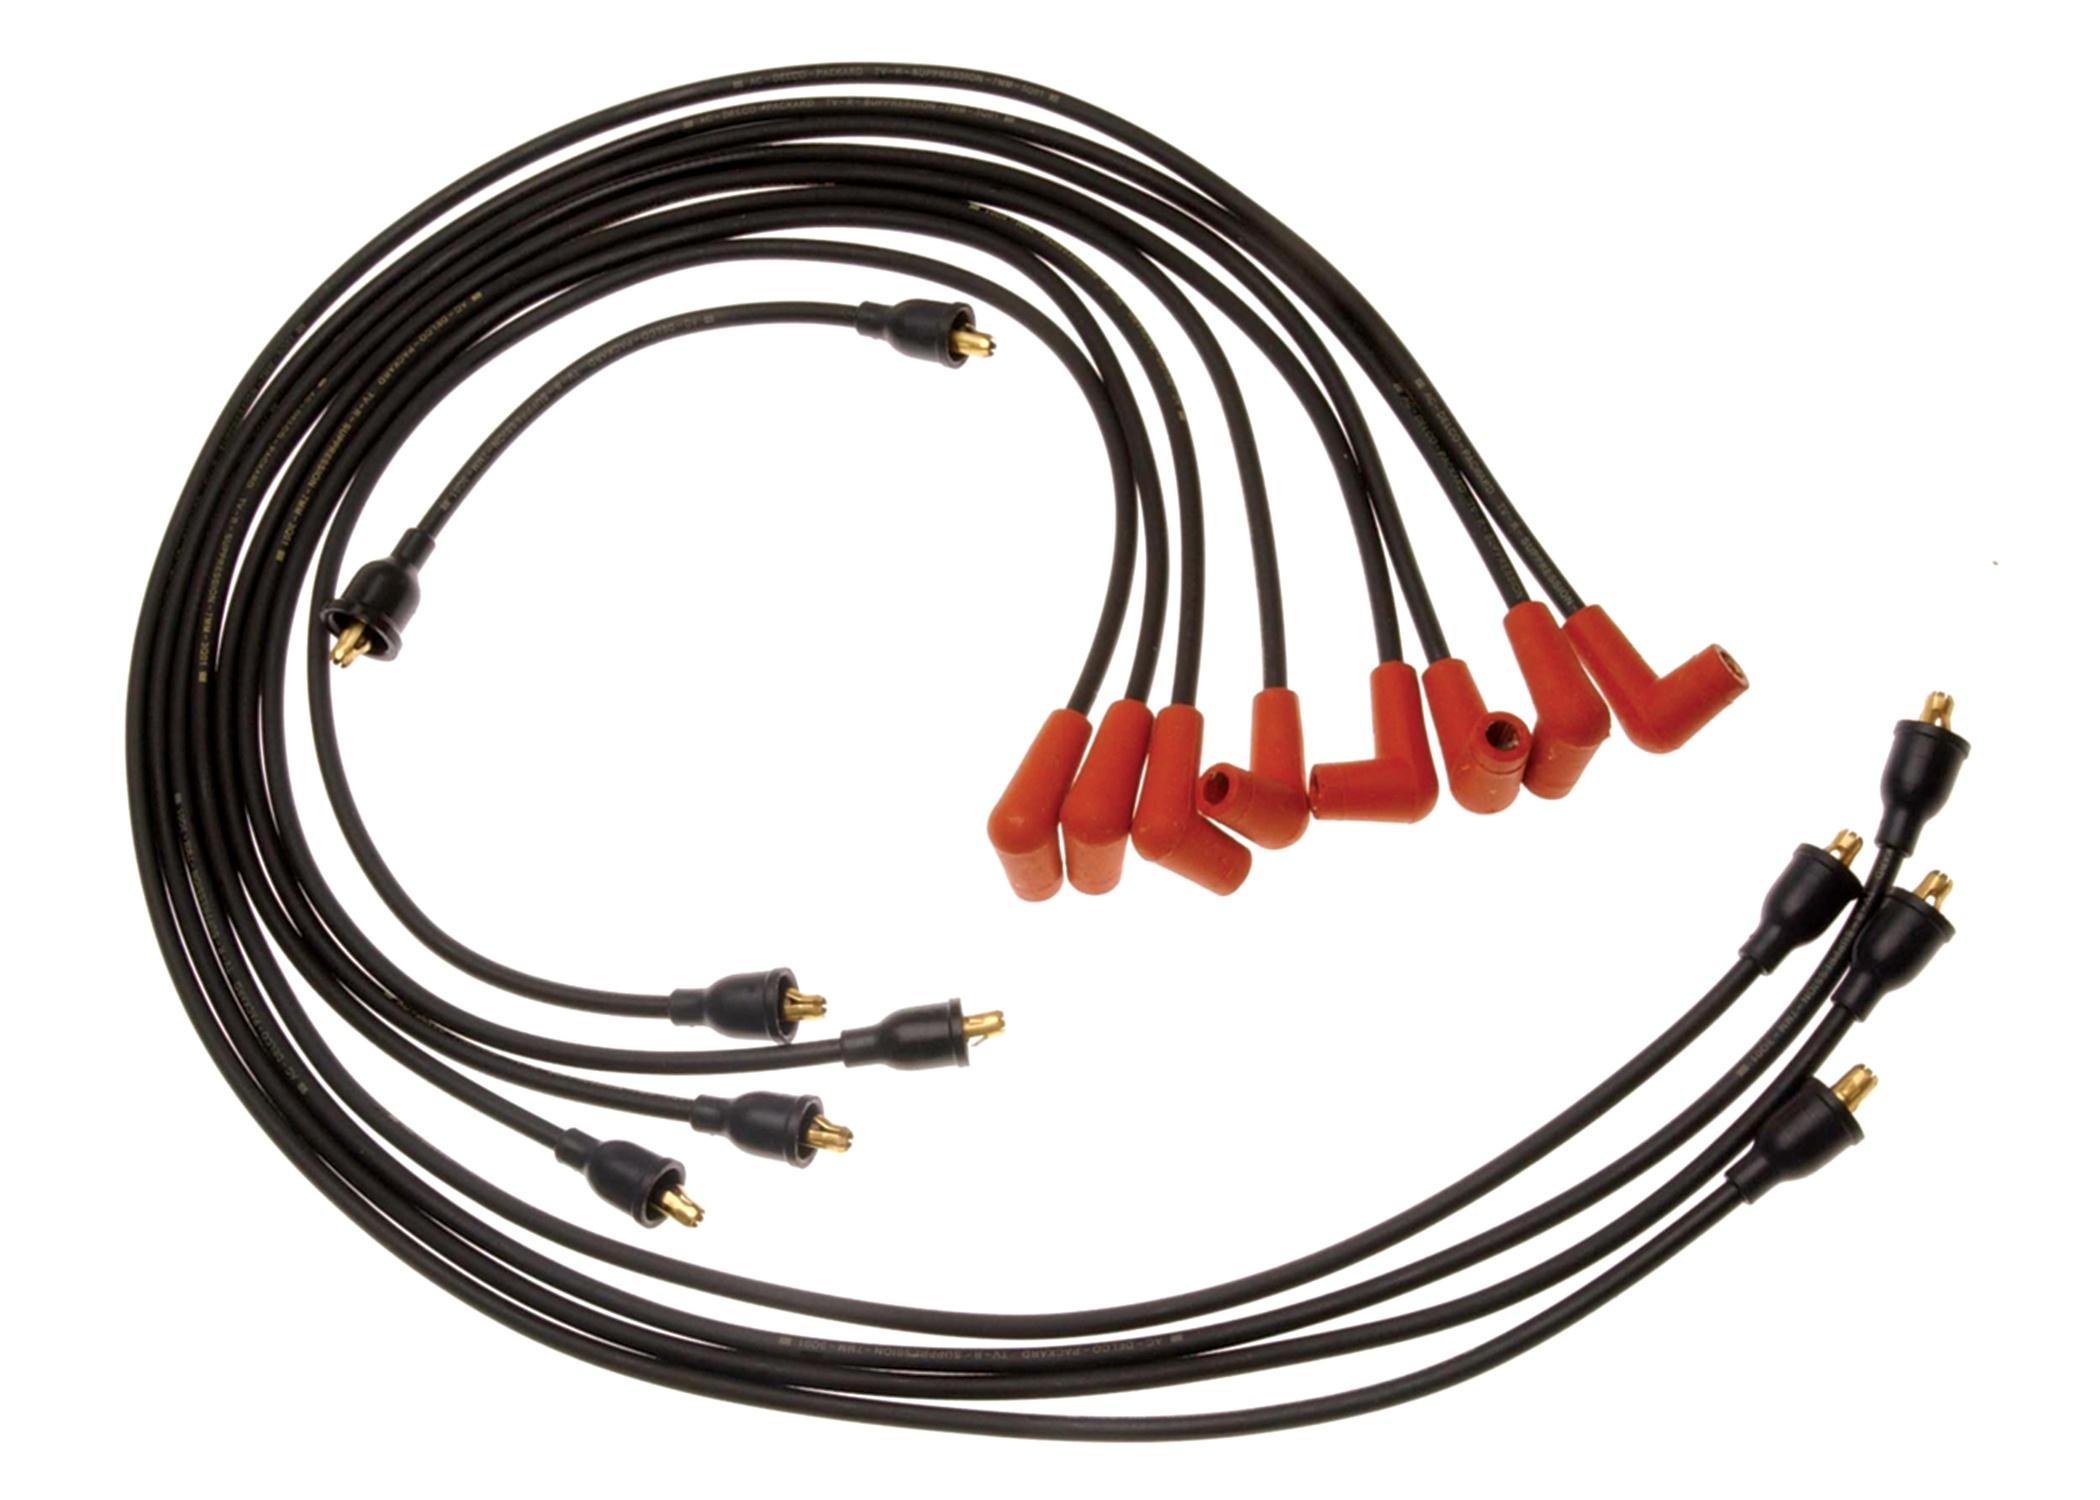 ACDELCO GM ORIGINAL EQUIPMENT - Spark Plug Wire Set - DCB 508N